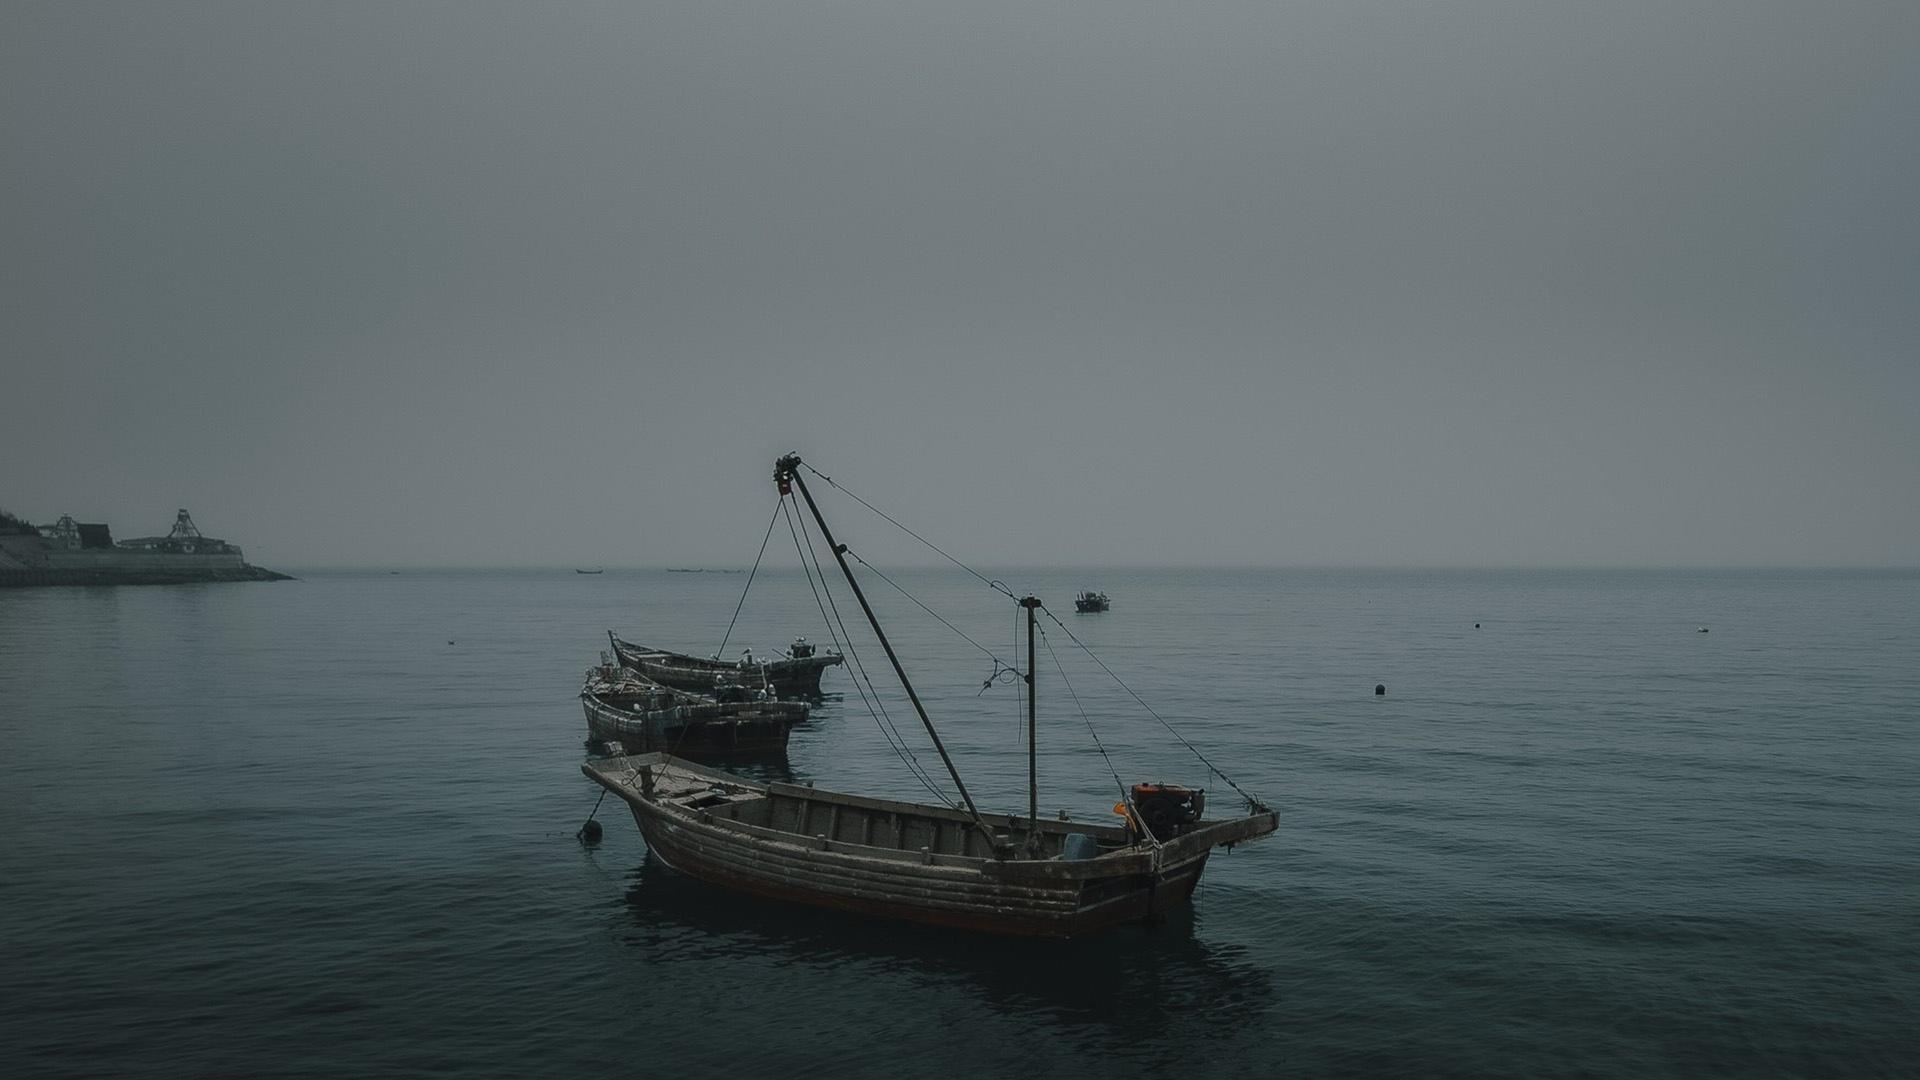 昏暗寂静的海景朦胧景色